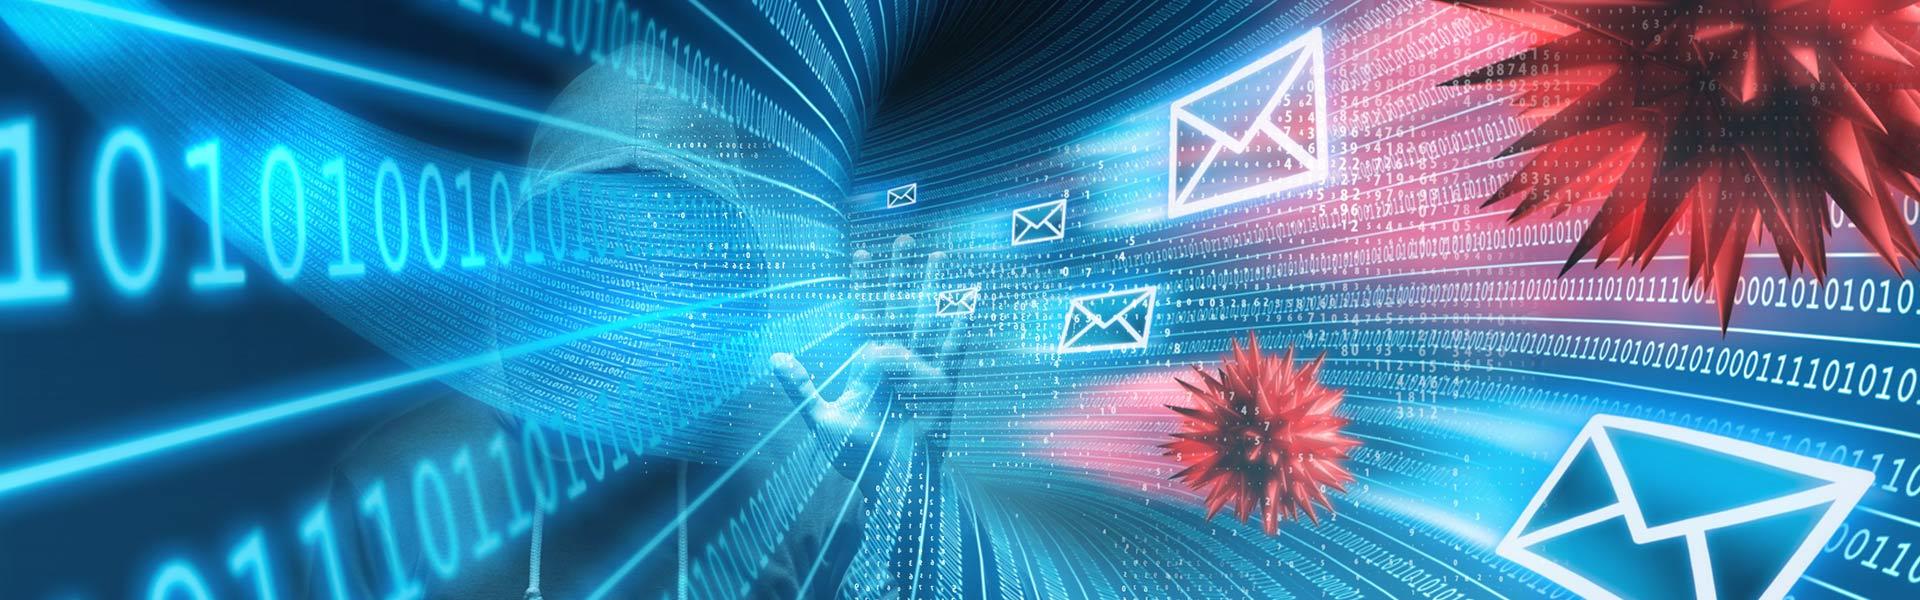 Bild Daten in Sicherheit bei cbo